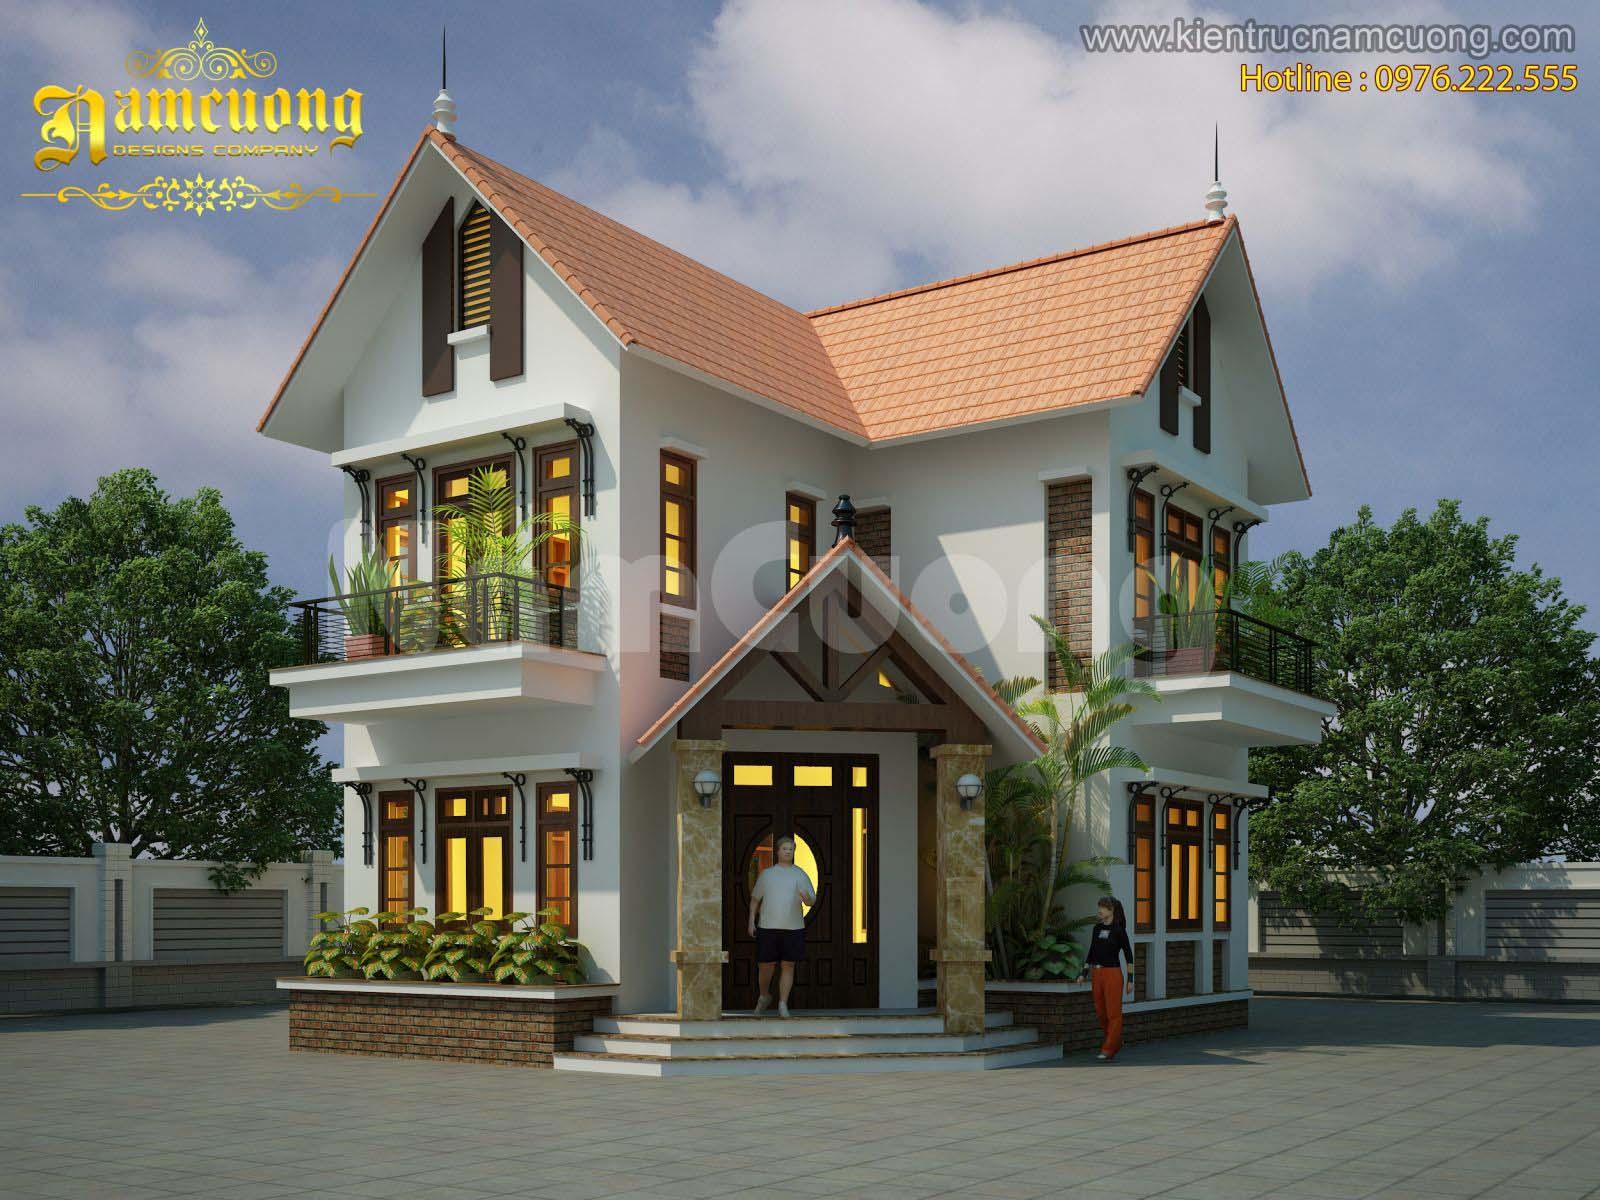 Thiết kế biệt thự tân cổ điển tại Hải Phòng cao 2 tầng mặt tiền 8m - BTCD 005